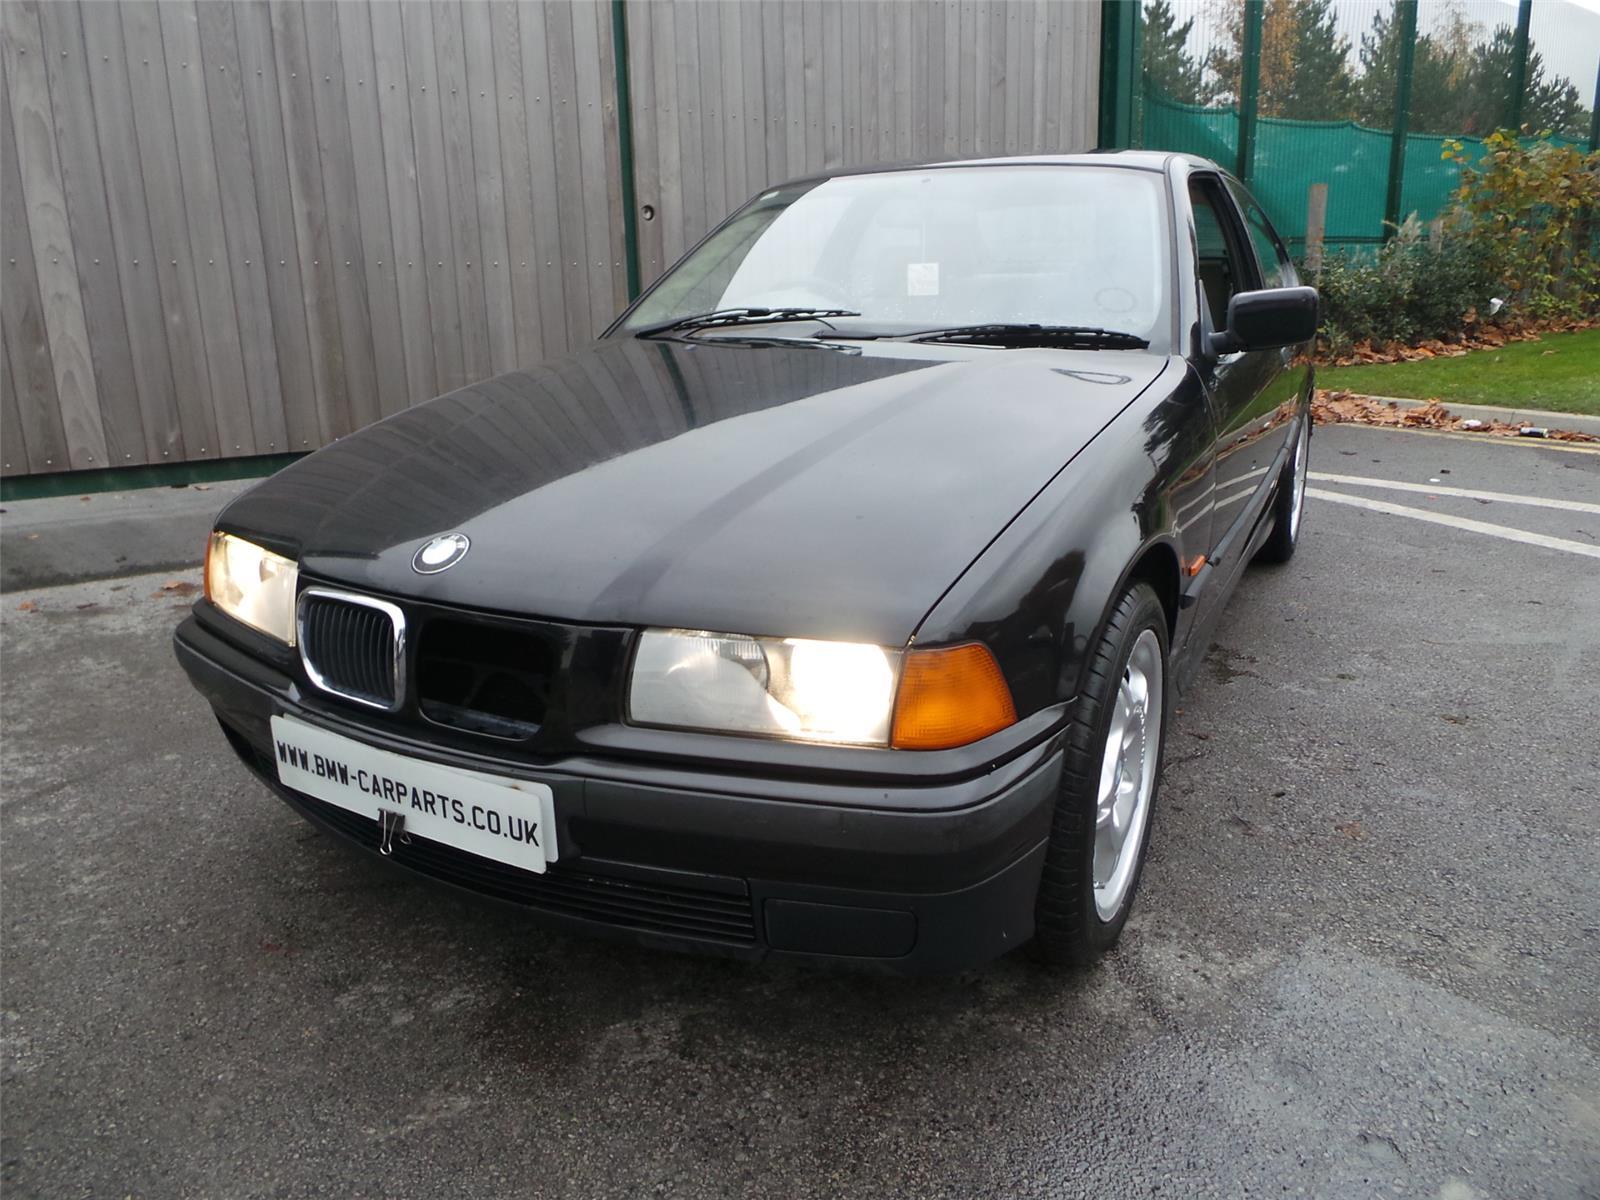 1997 BMW 3 SERIES 316I COMPACT 3 DOOR HATCHBACK. Back to list